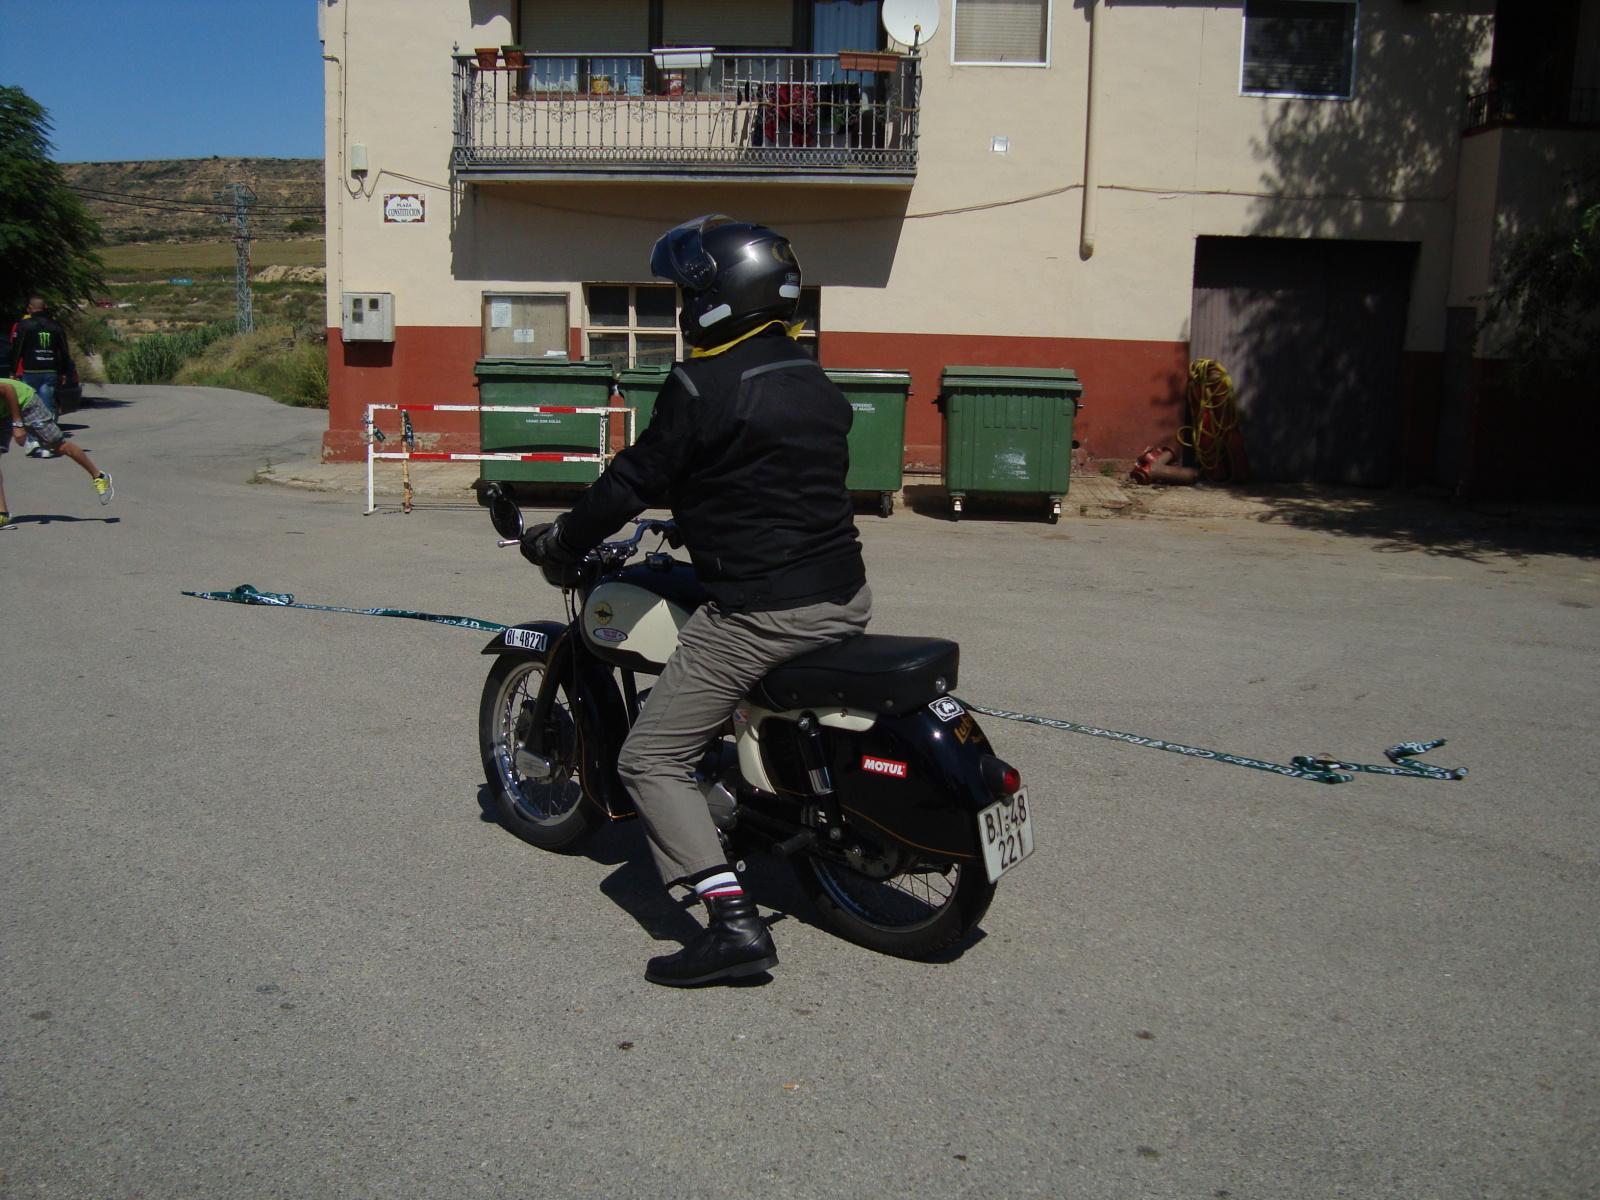 XI concentracion de motos antiguas en Alberuela de tubo (Huesca) 2j3fh9f